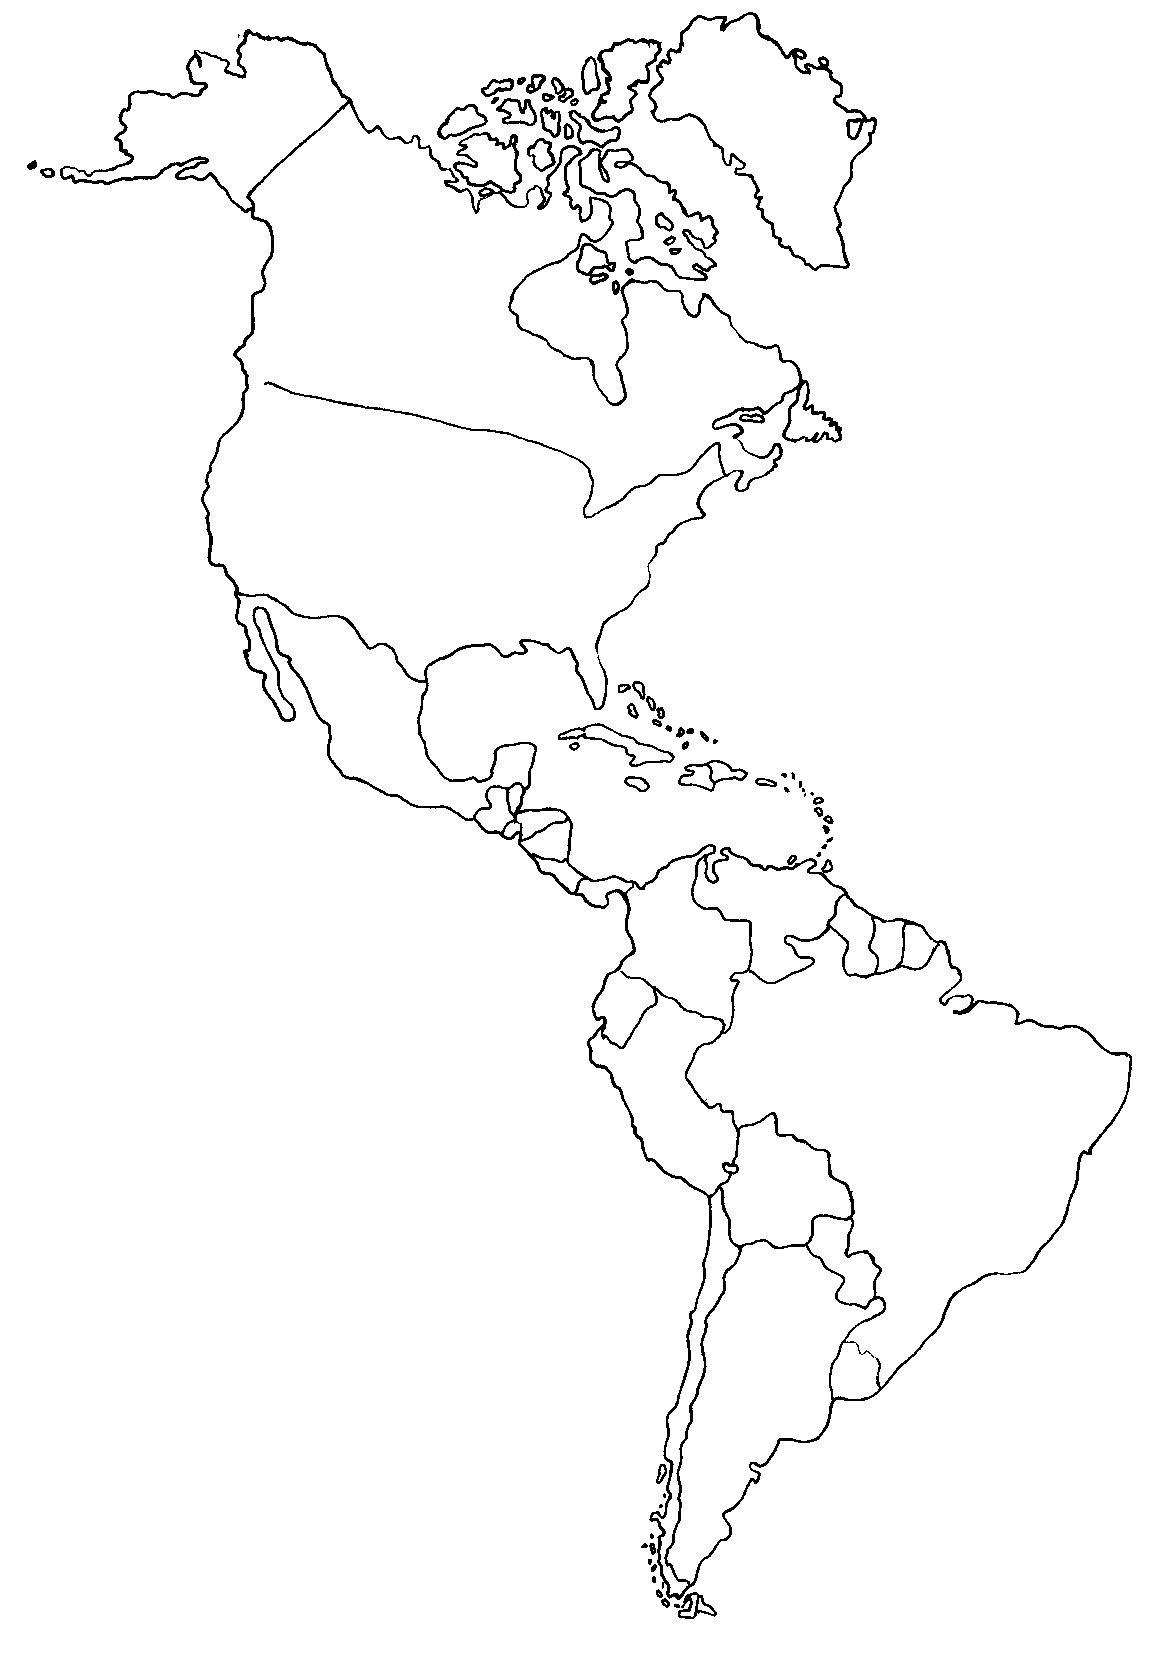 Mapa de continente americano .